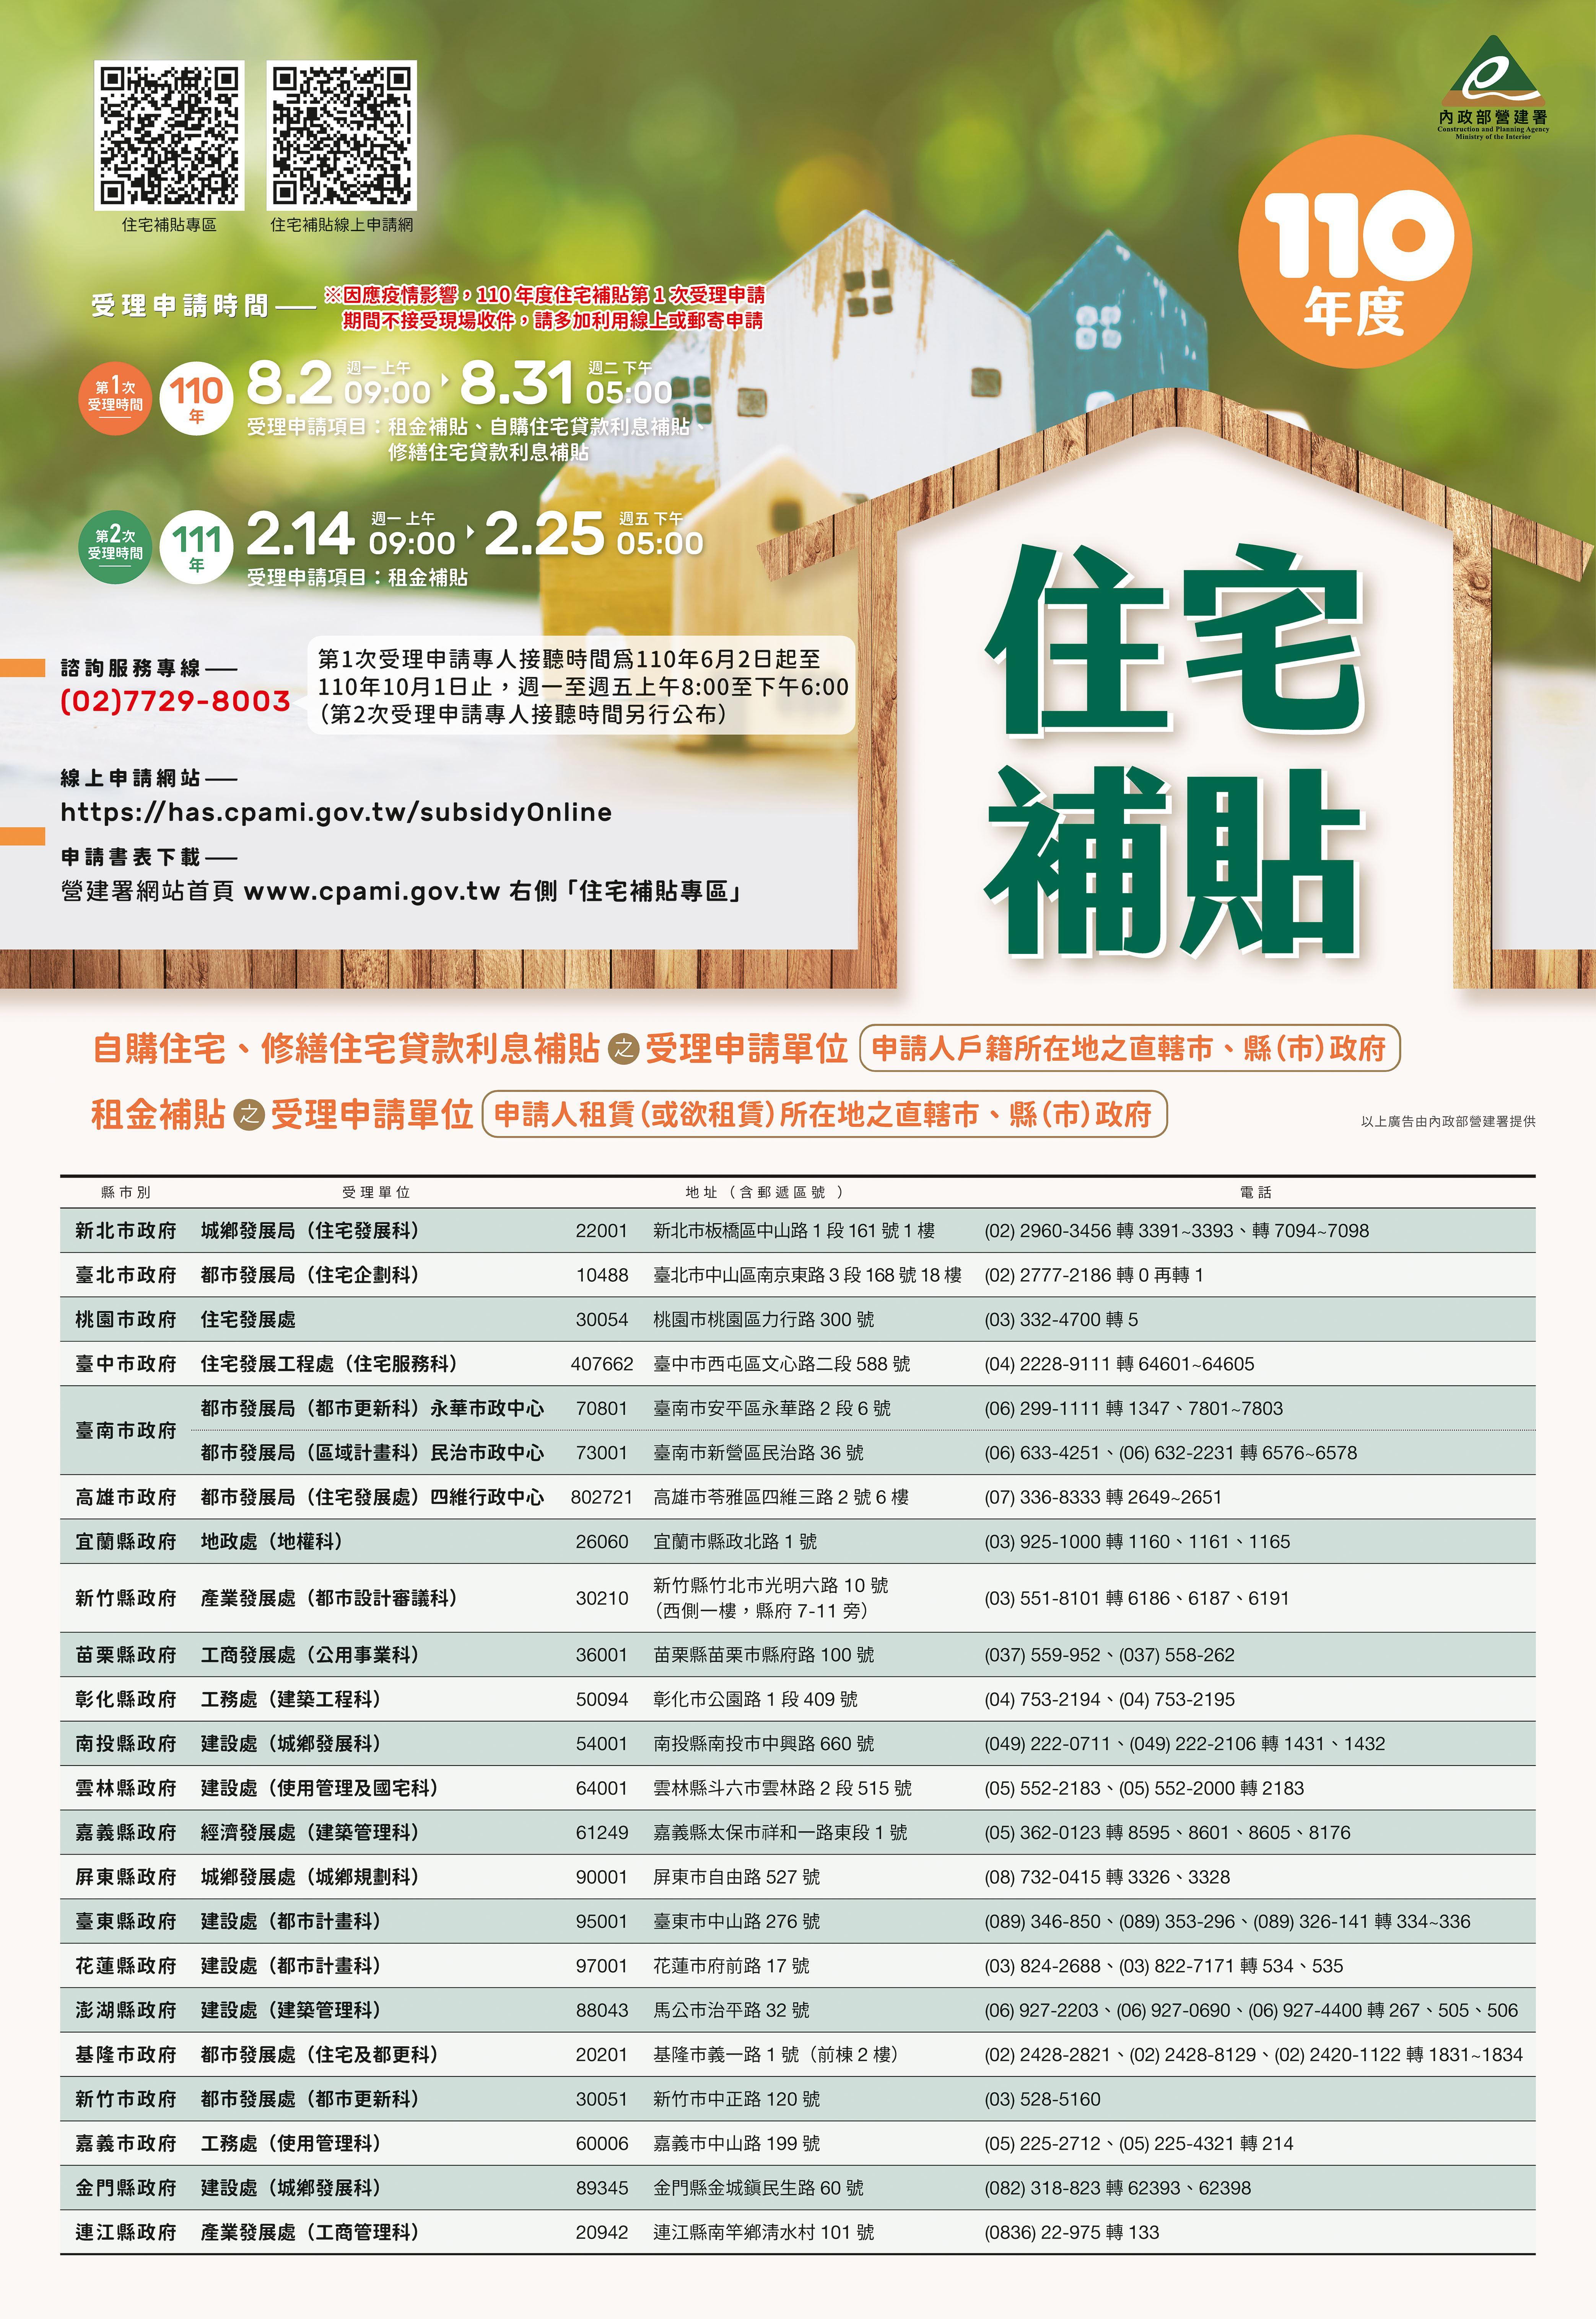 110年度住宅補貼宣傳海報